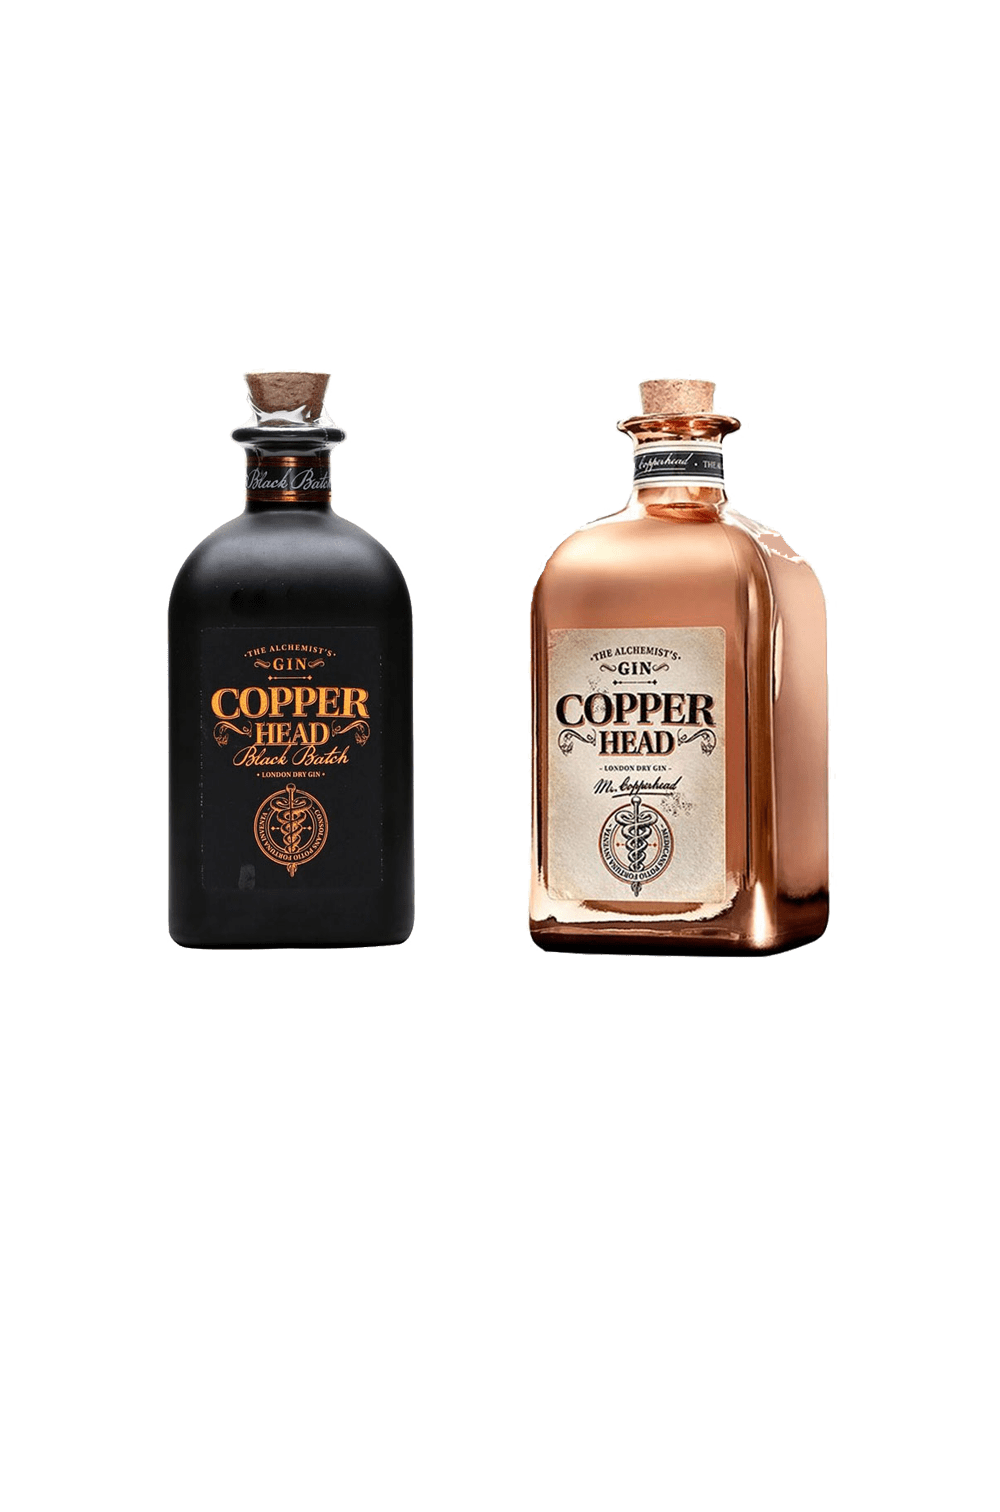 Copperhead Duo Box